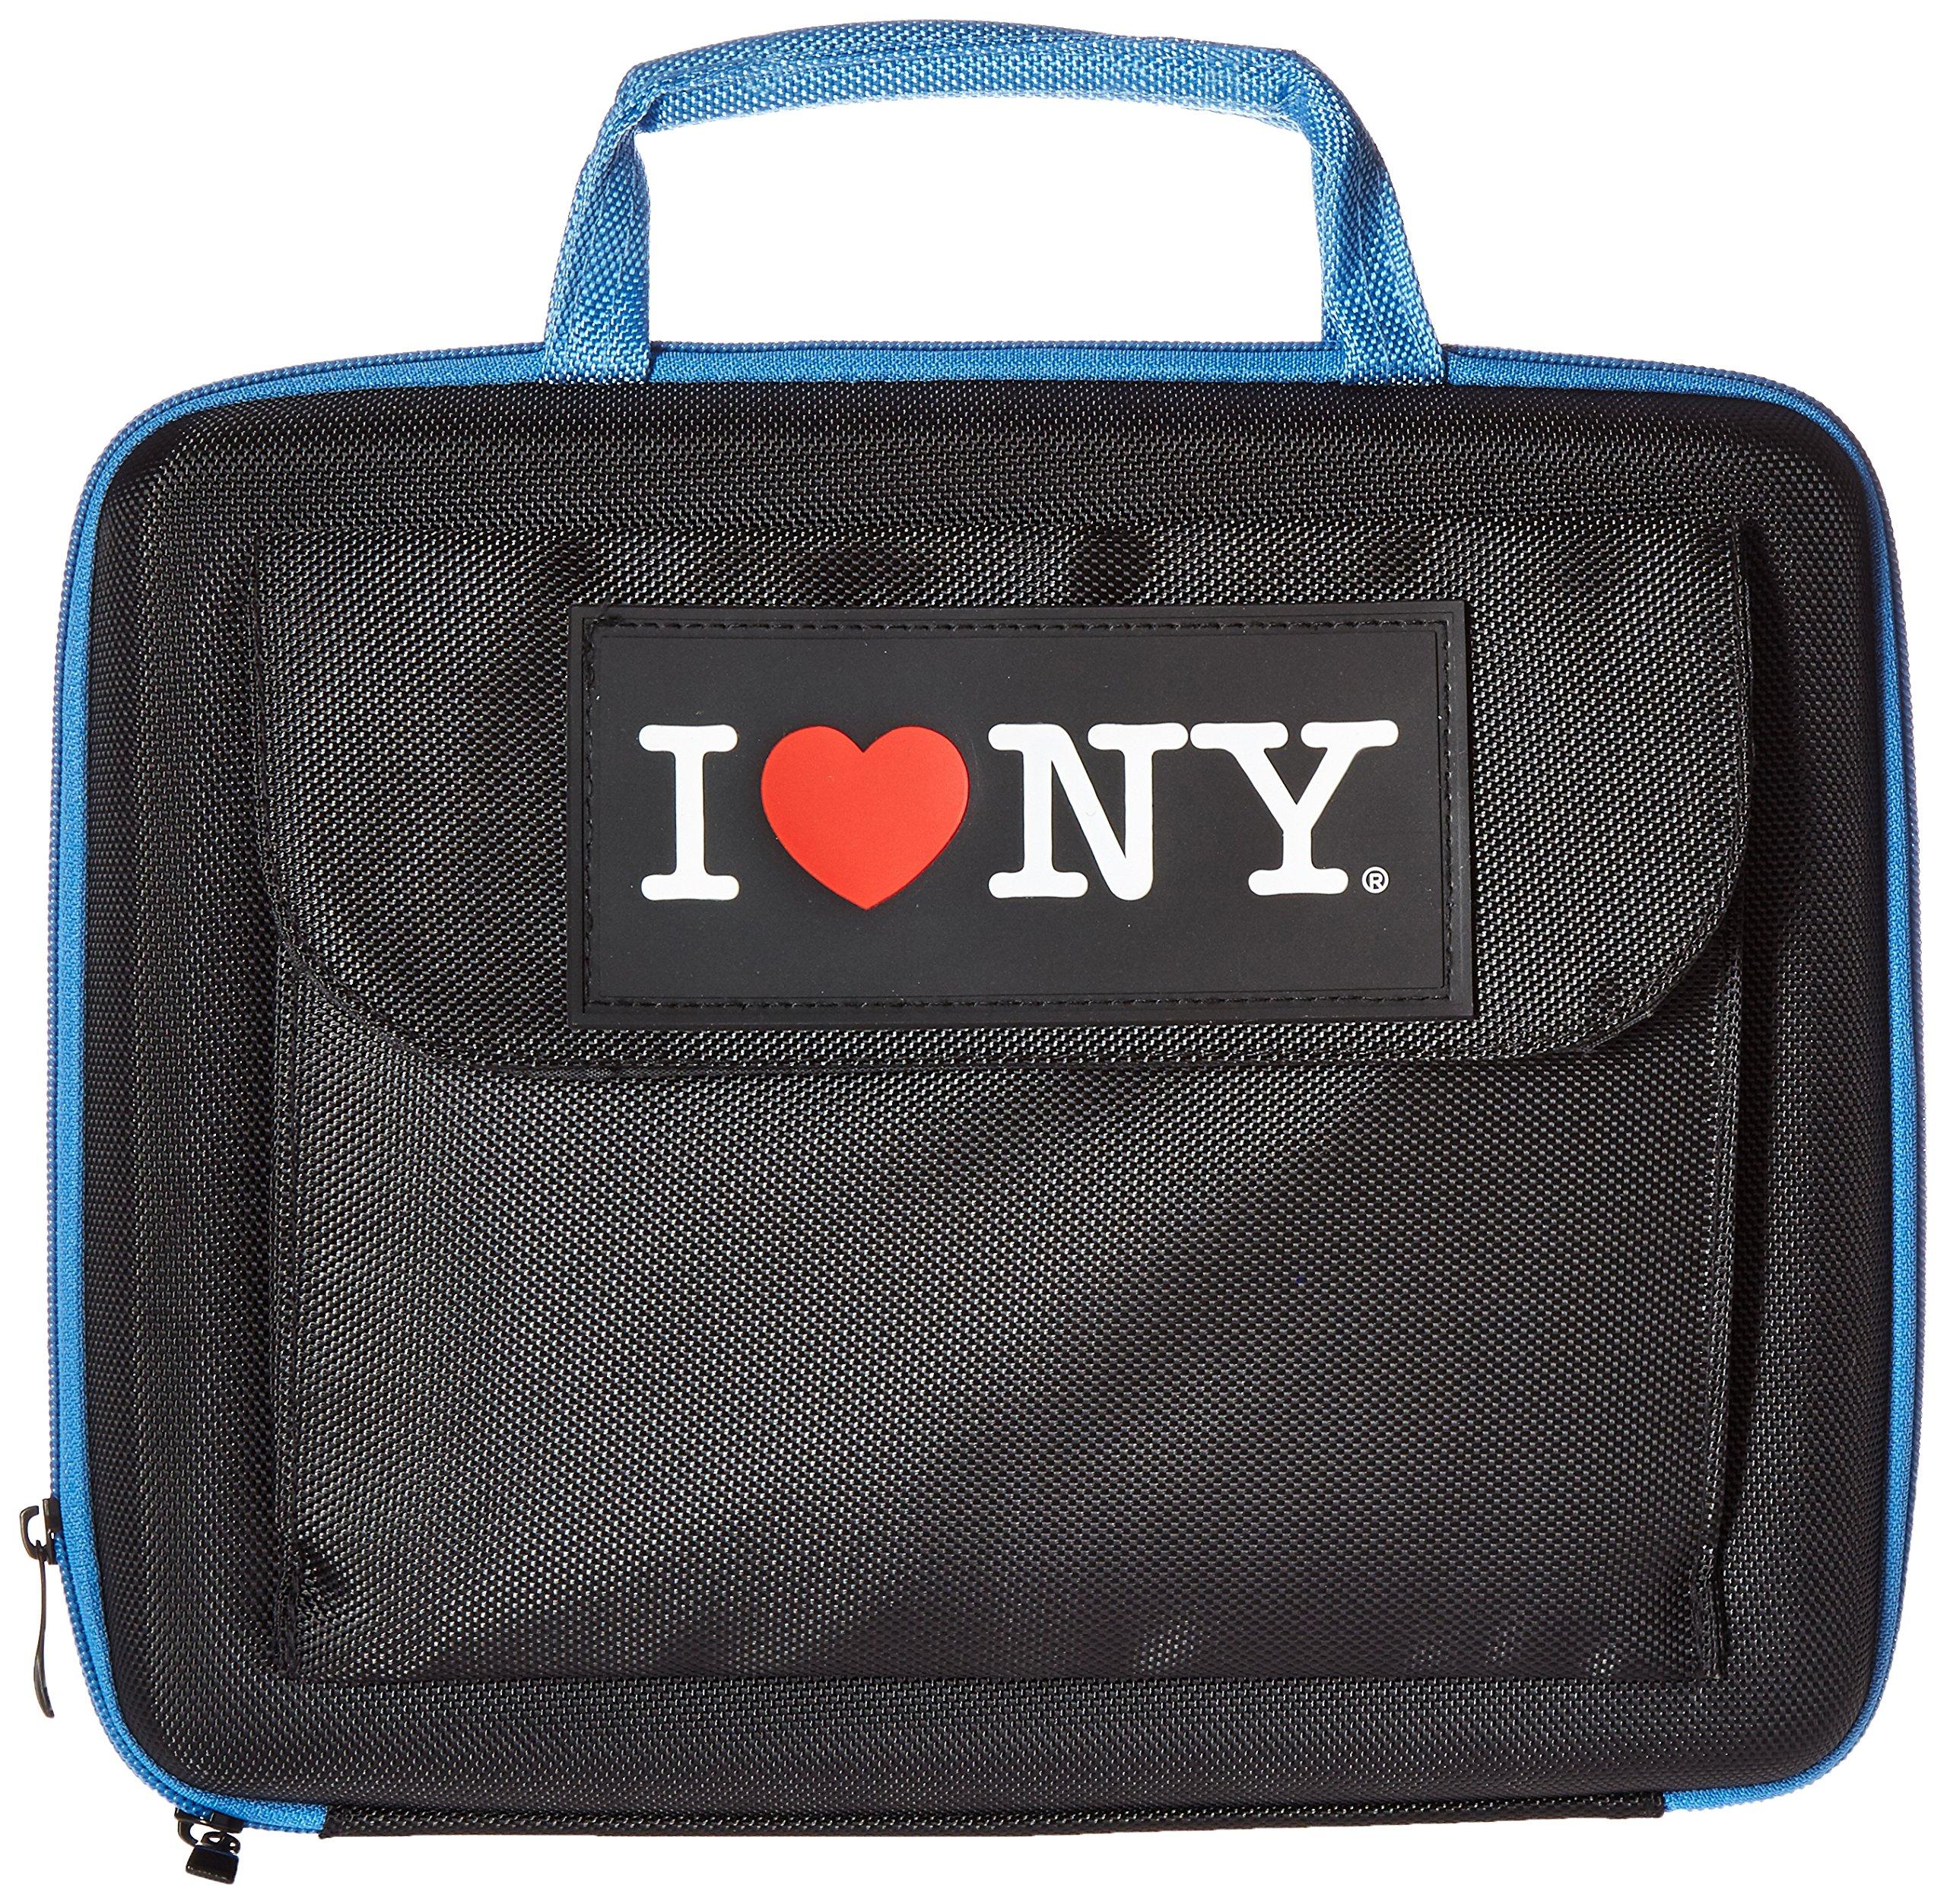 I Love NY Sleek Netbook Case, Black/Blue (ILNLAP1160KB) by I Love NY (Image #1)